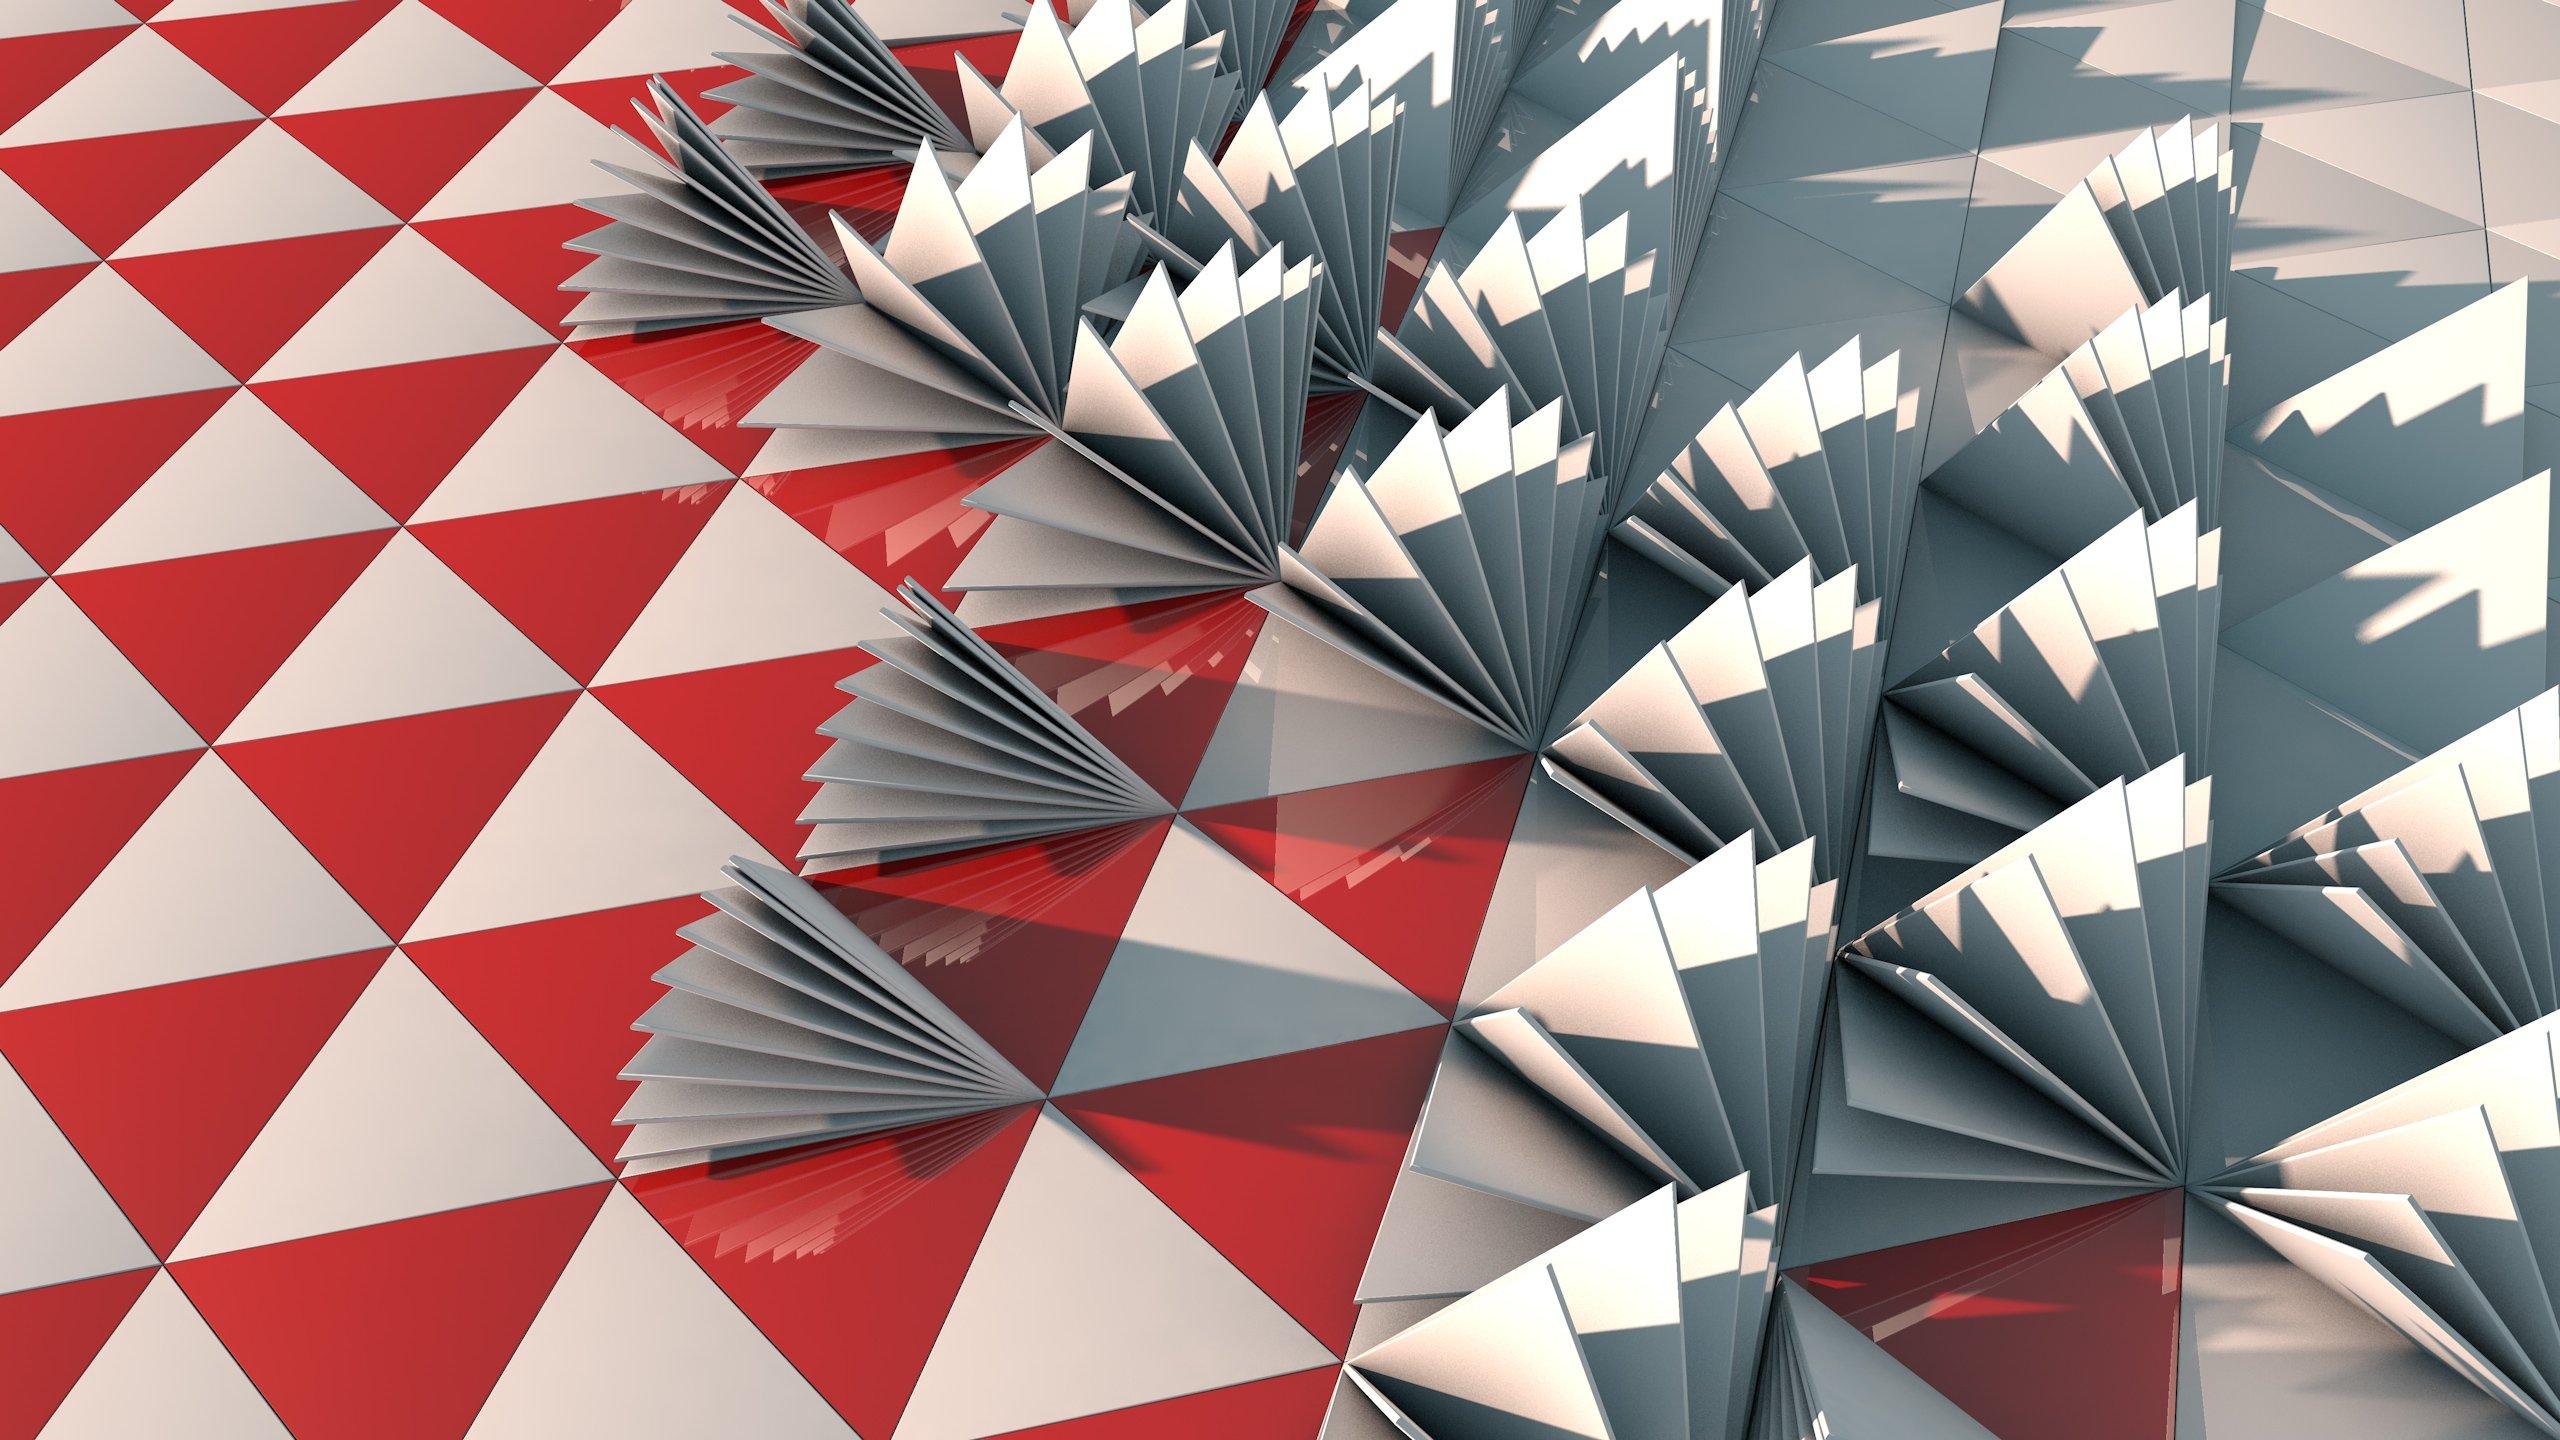 Fondos de pantalla Triangulos en 3D Abstracto